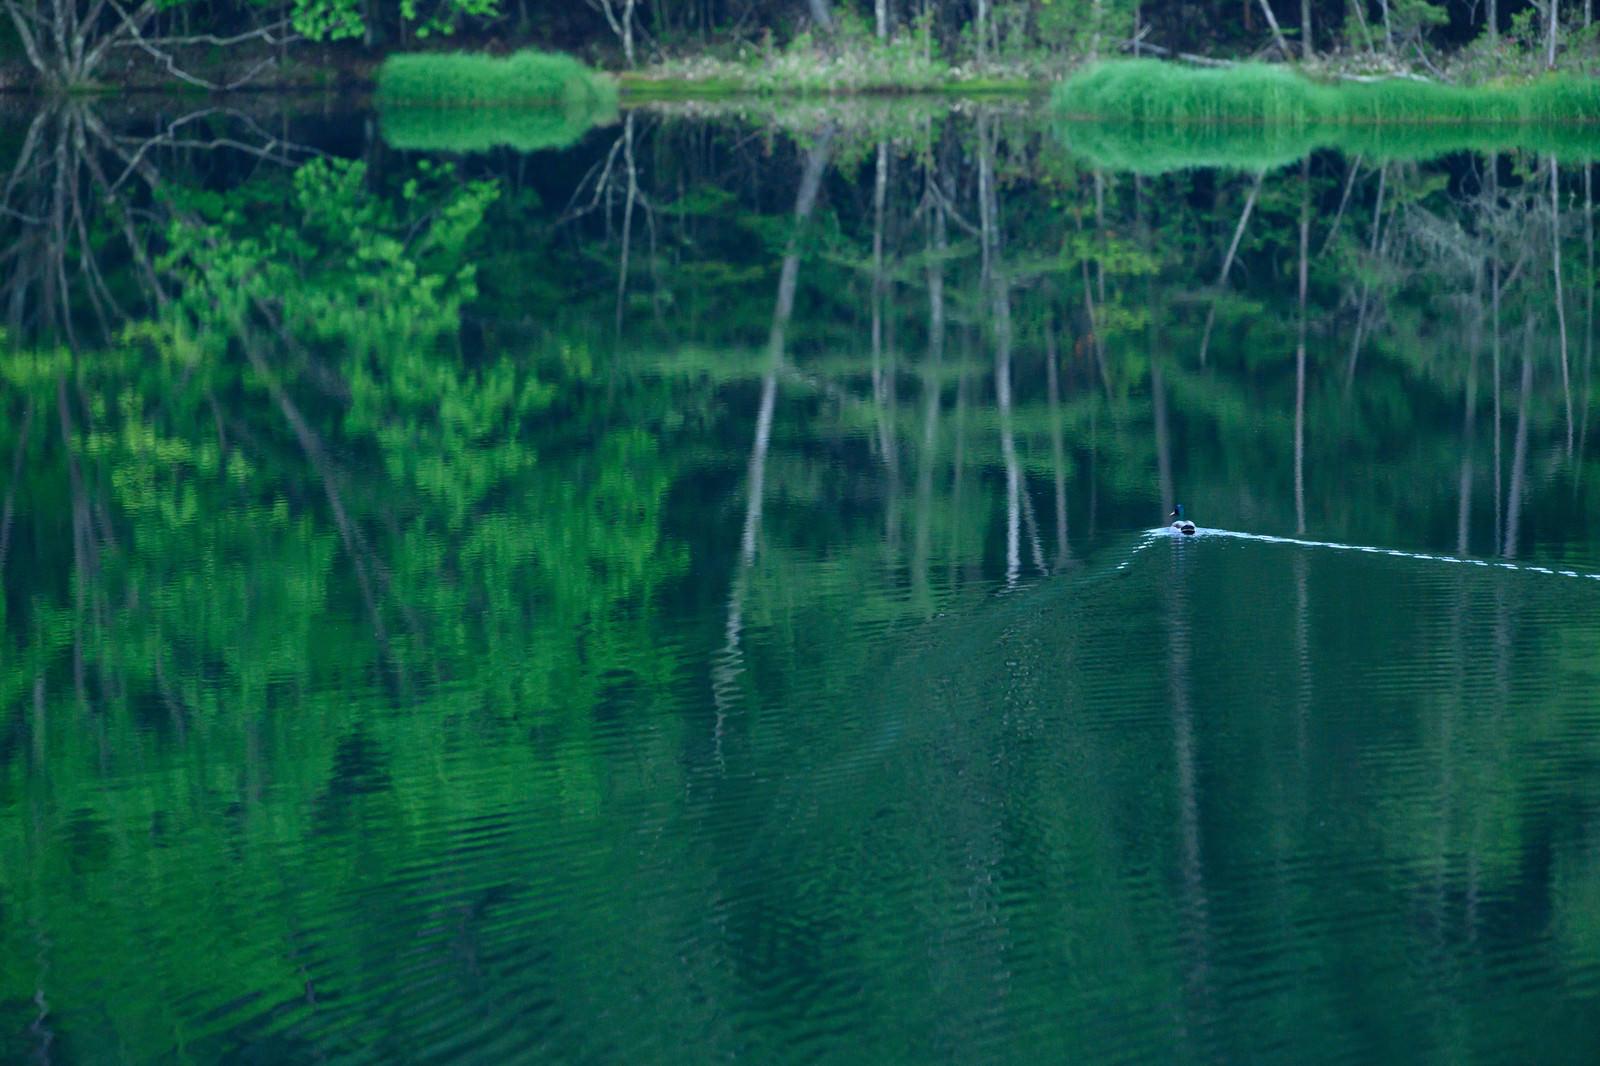 「水鏡の池を鴨がスイー」の写真